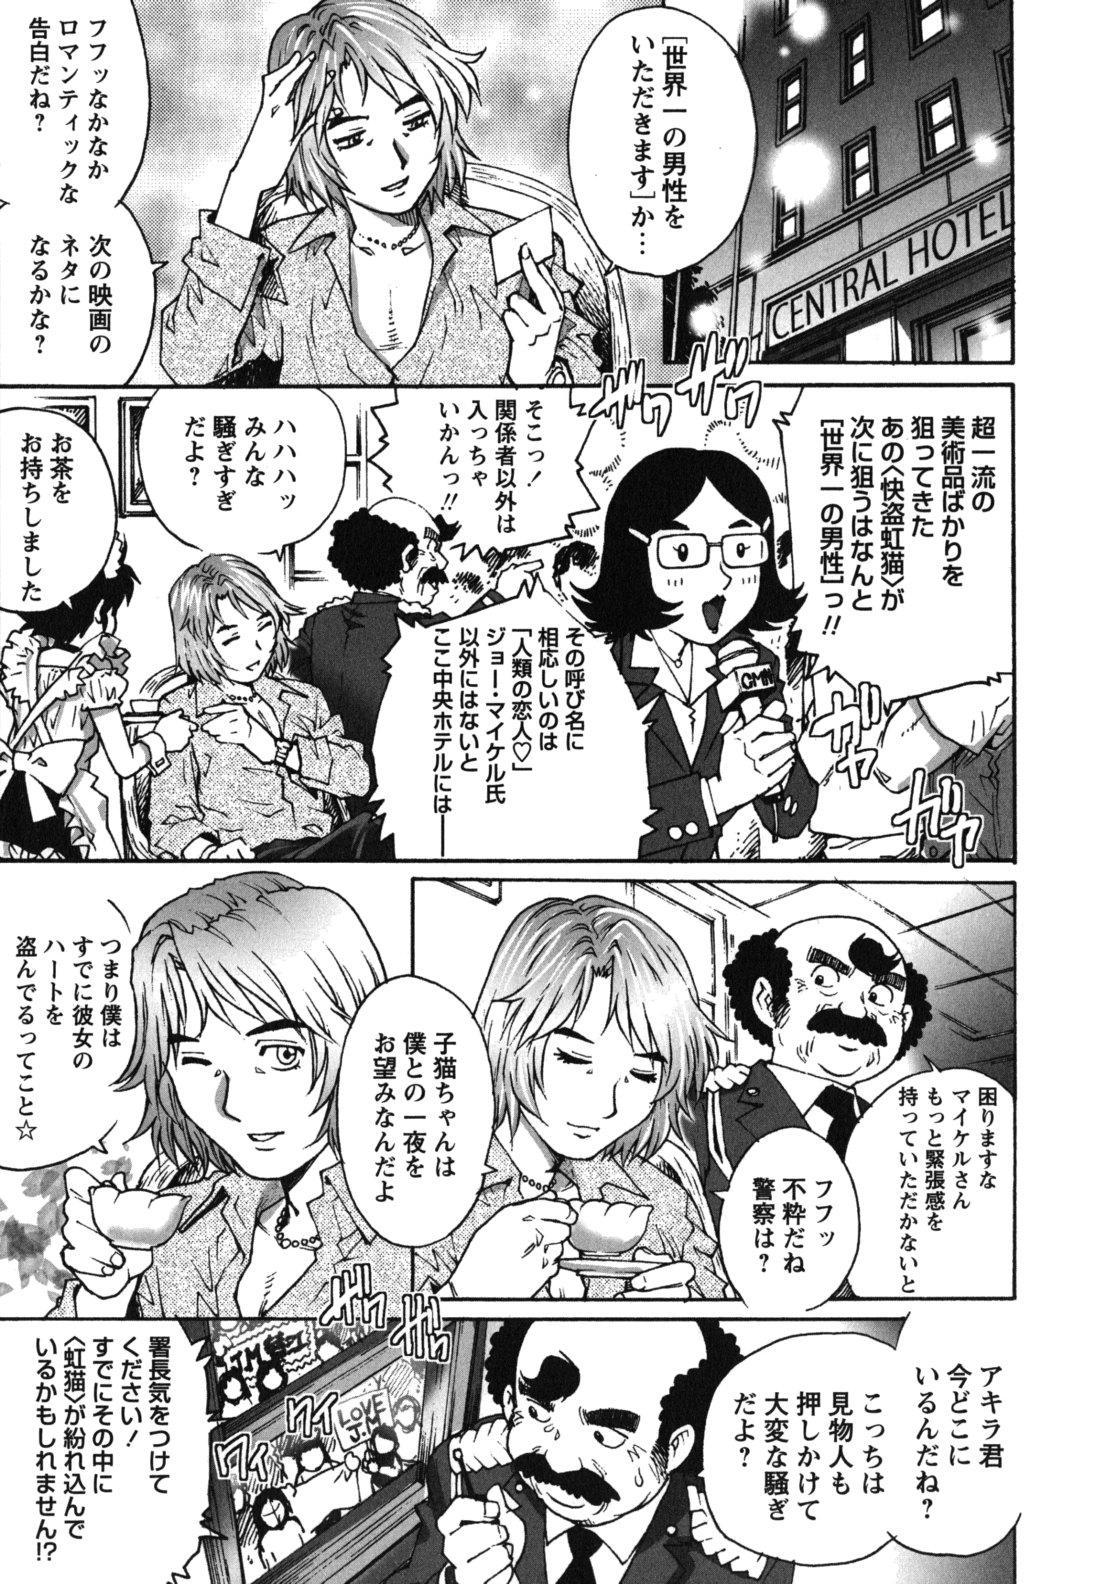 Hajimete no SEX 187